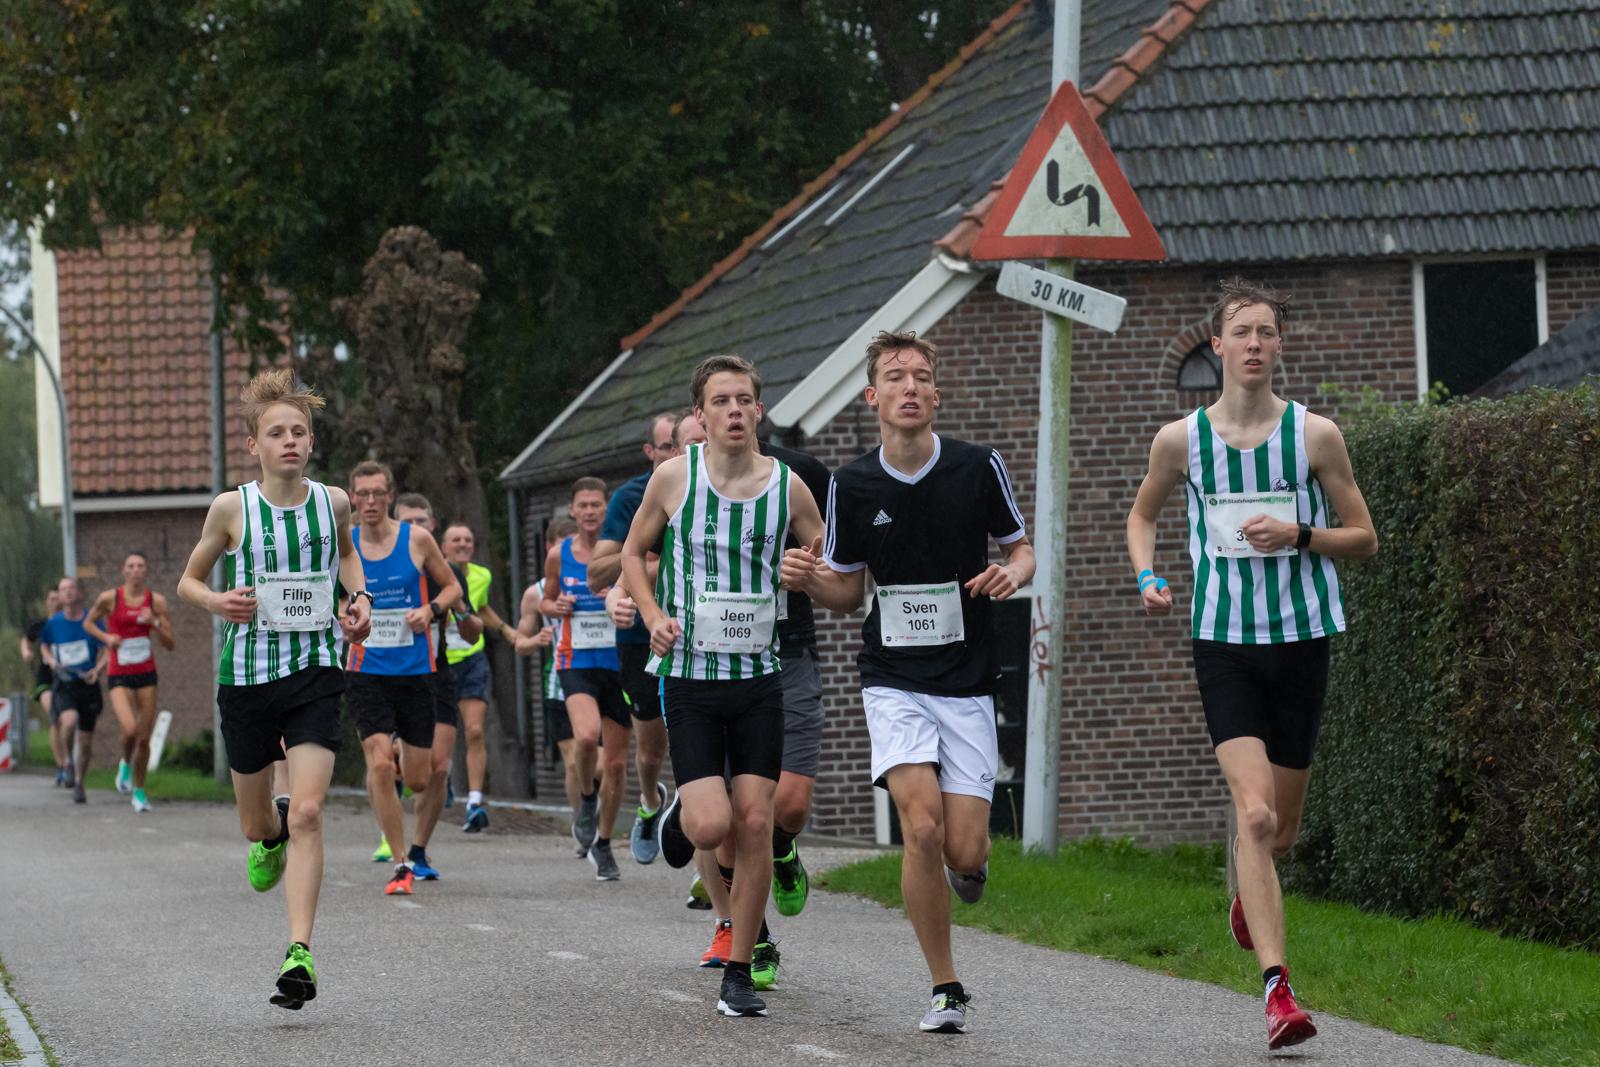 Wanted: enthusiastic volunteers for Stadshagen Run